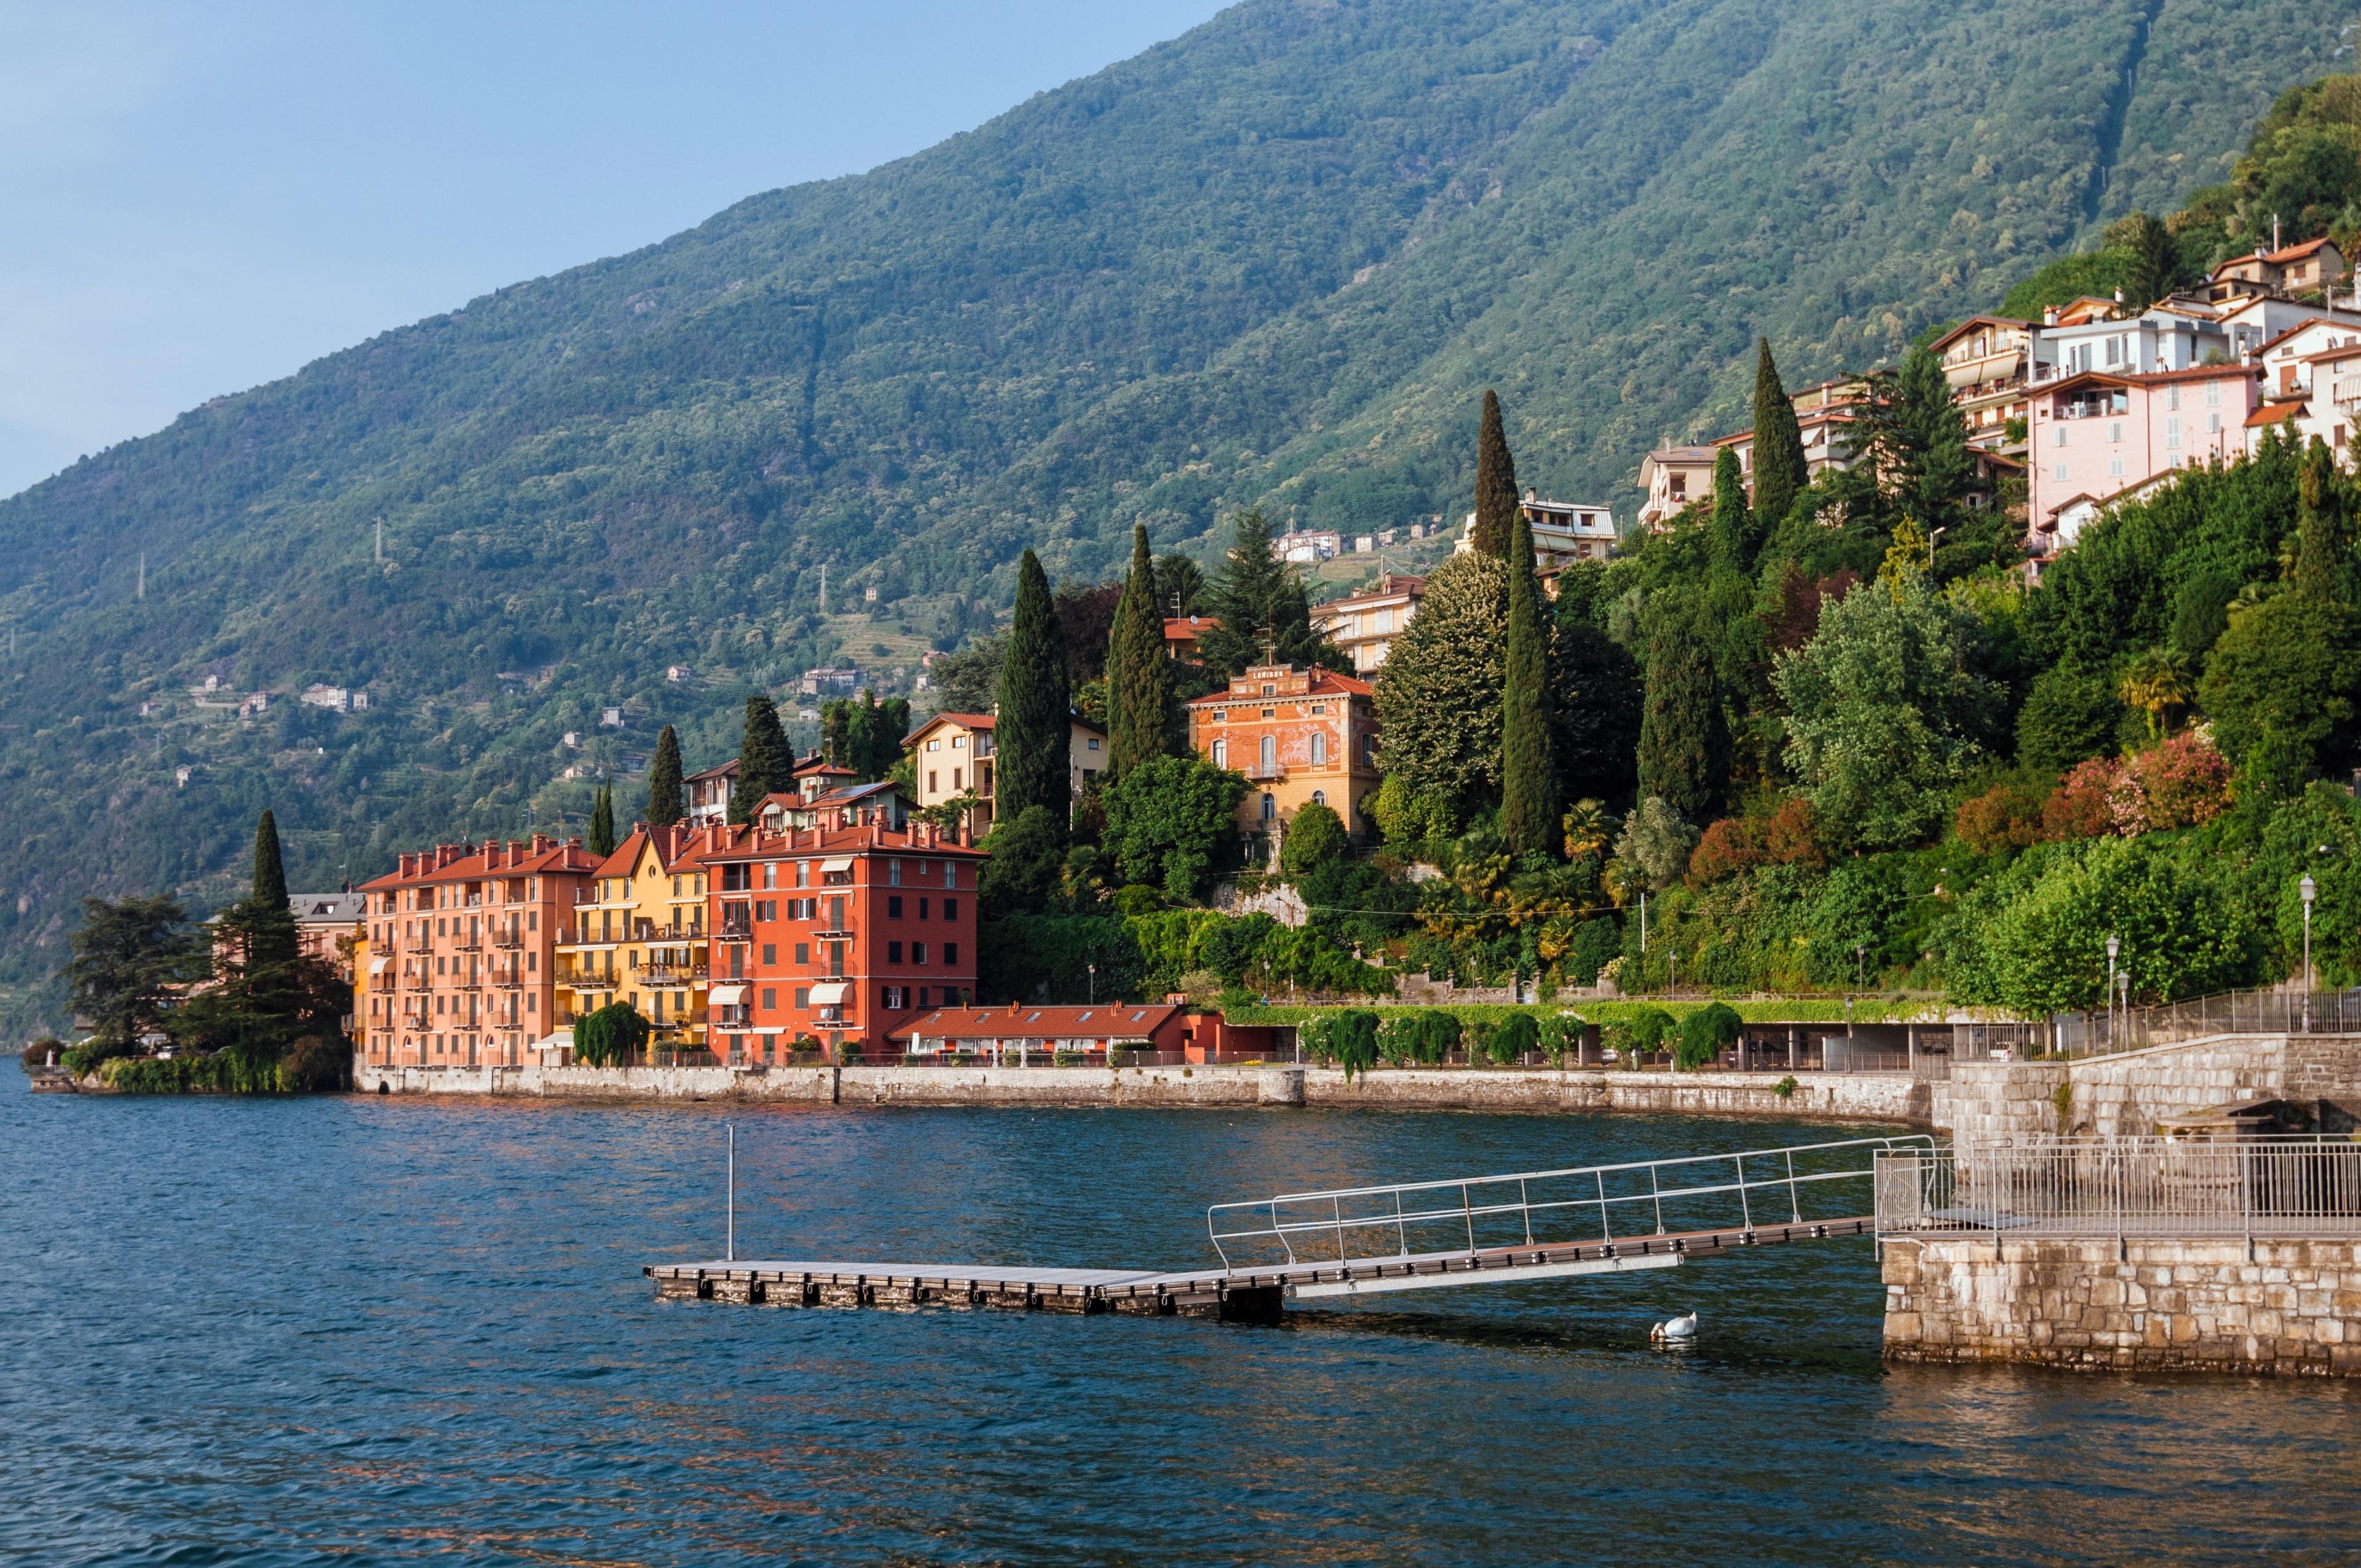 Bellano, Lombardy, Italy